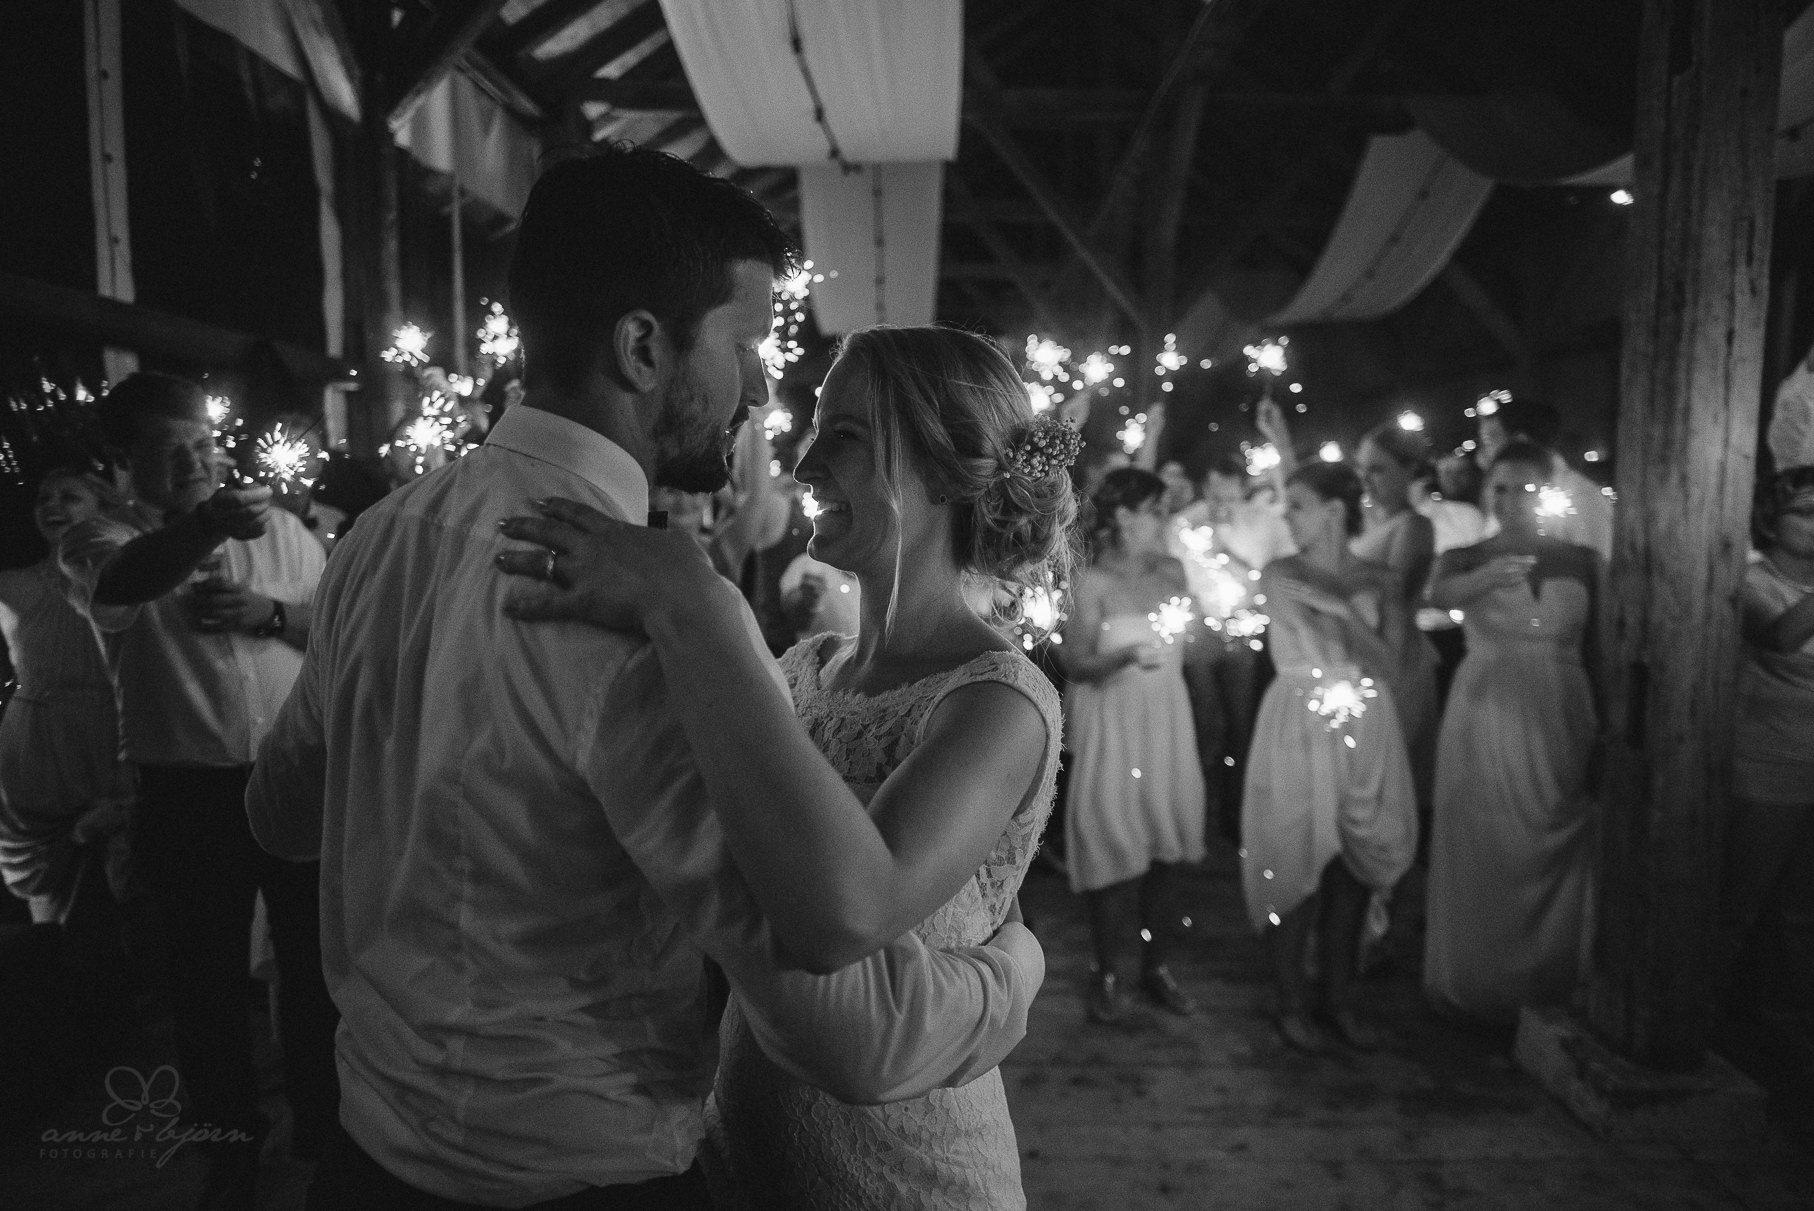 0149 anne und bjoern hochzeit schweiz d75 2563 - DIY Hochzeit in der Schweiz - Sabrina & Christoph